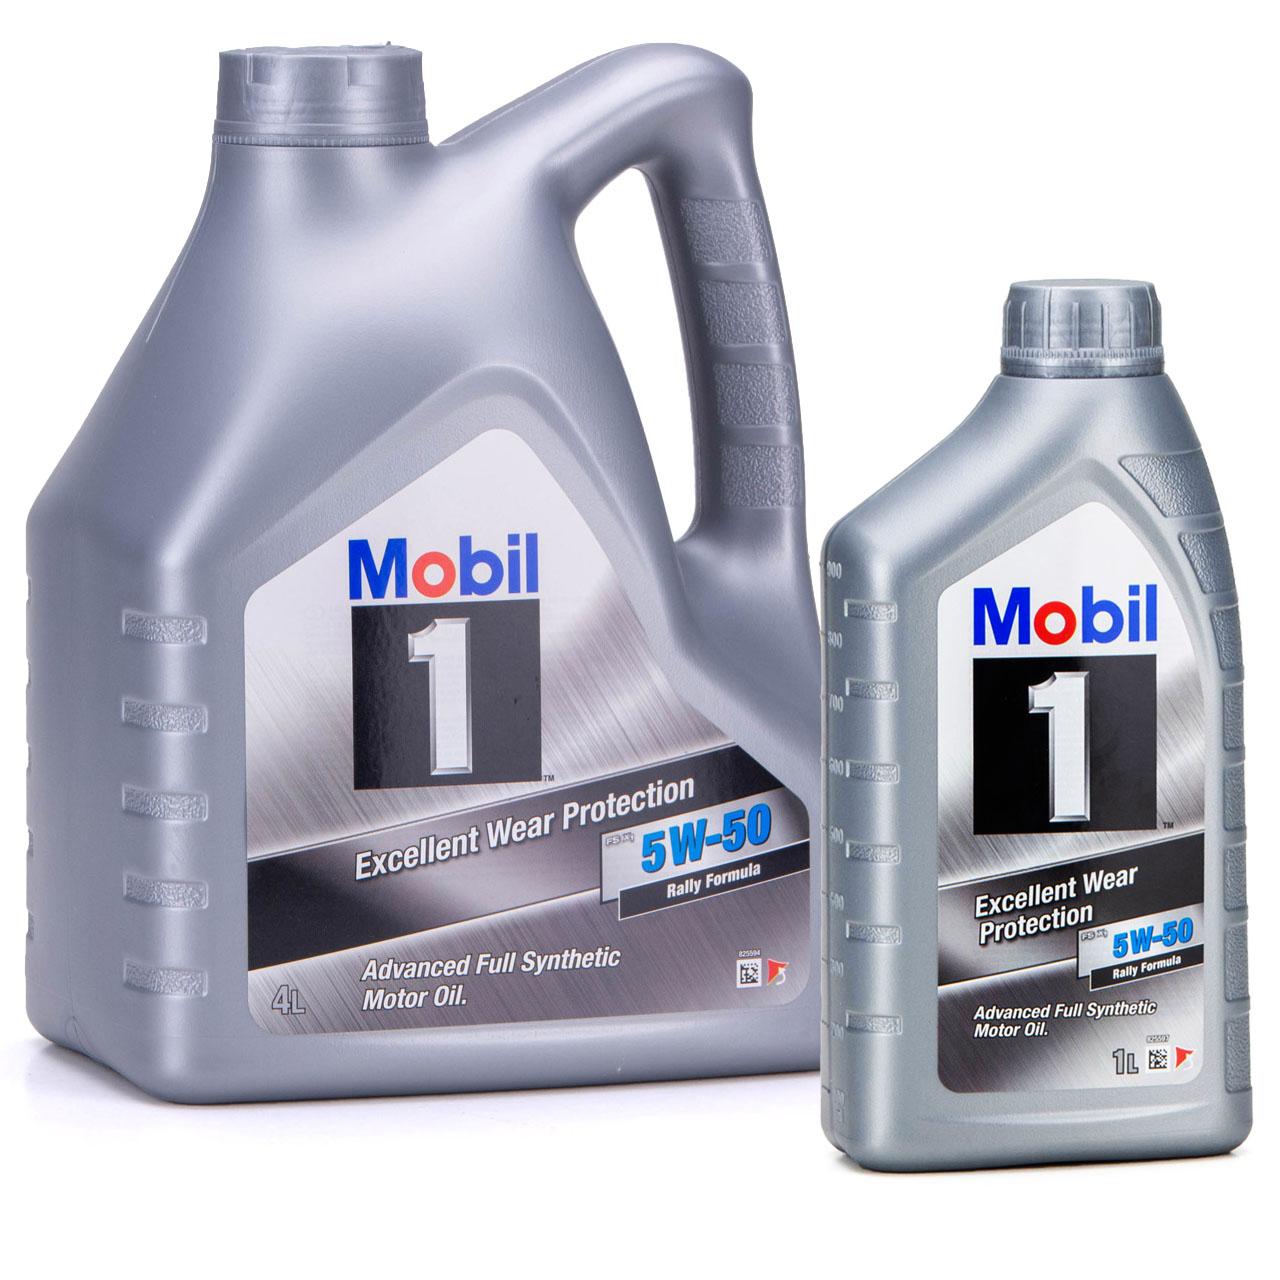 Mobil 1 FS X1 Motoröl Öl 5W-50 5W50 PORSCHE A40 MB 229.3 / 229.1 - 5L 5 Liter